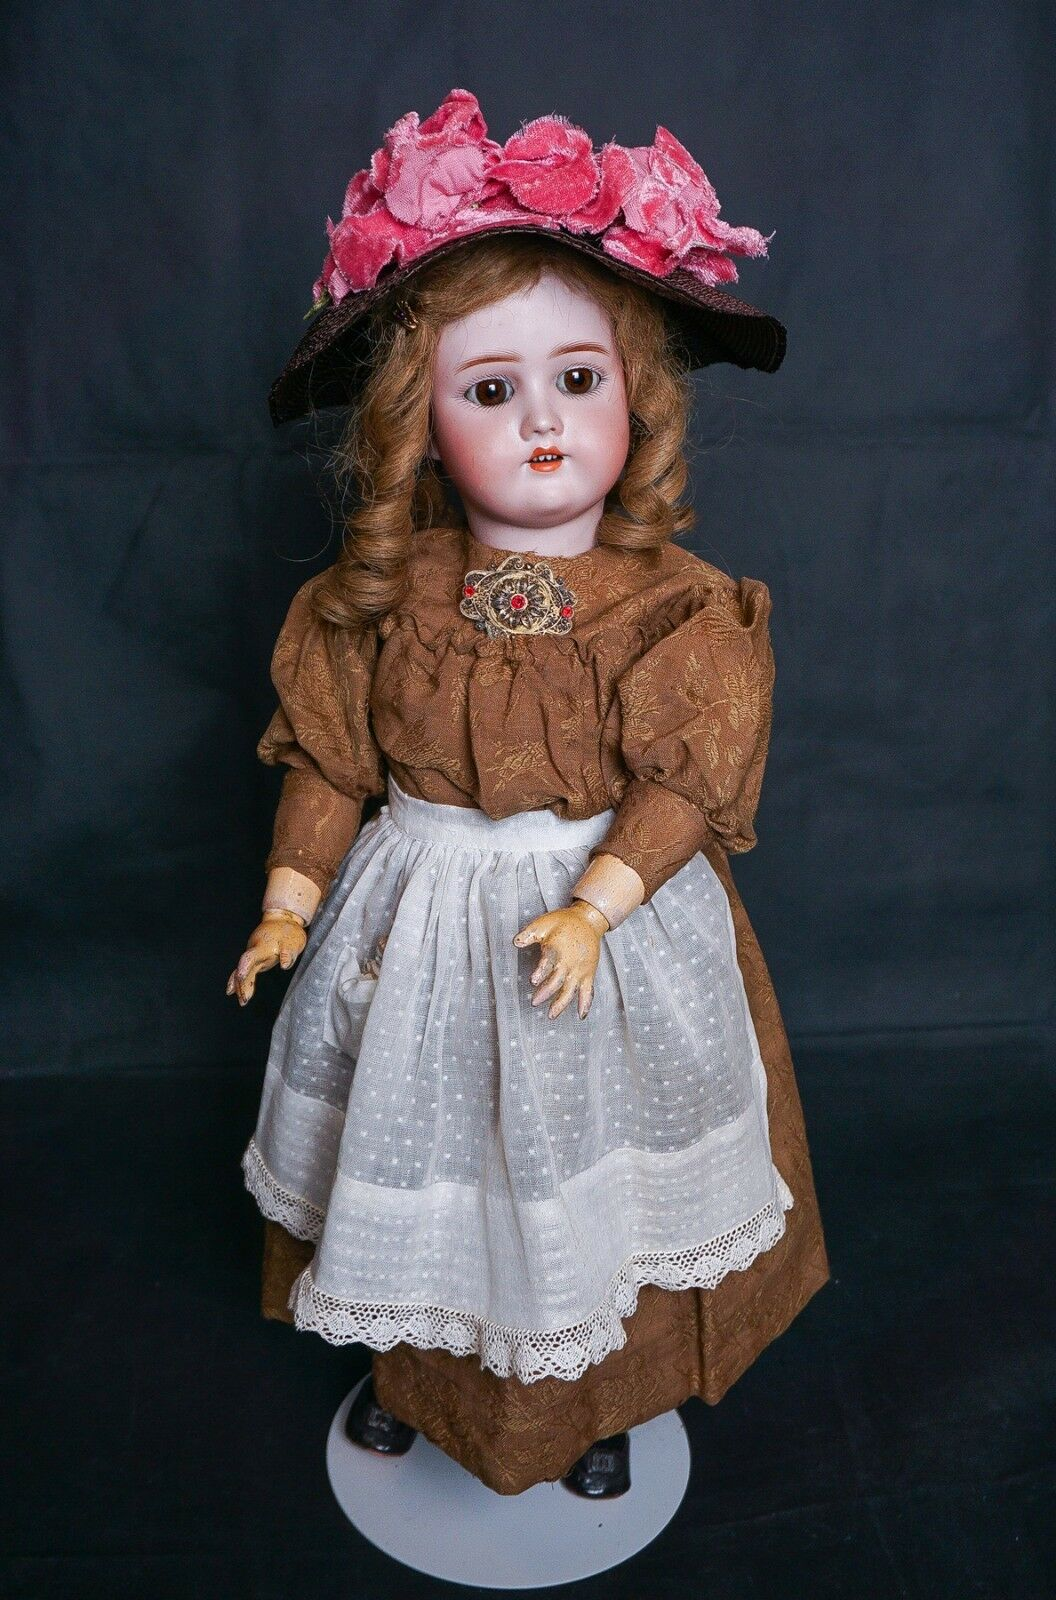 SALE Antique Geruomo Bisque Simon & Halgree Berguomo  24  bambola  fino al 65% di sconto